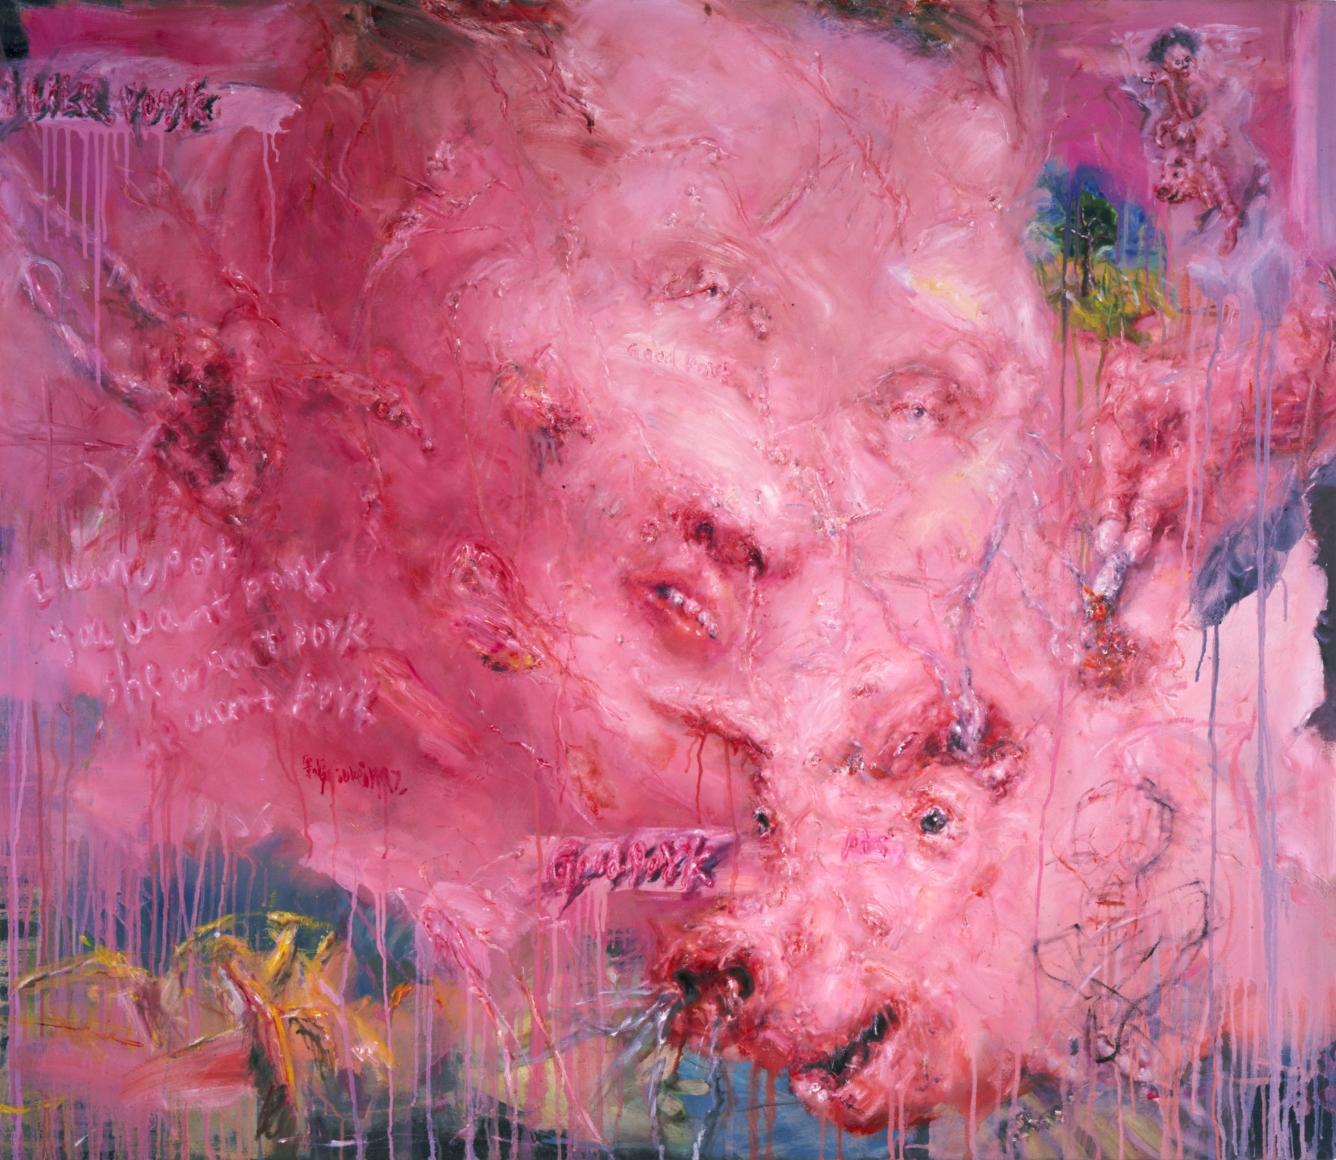 LIU WEI Boy, 1997